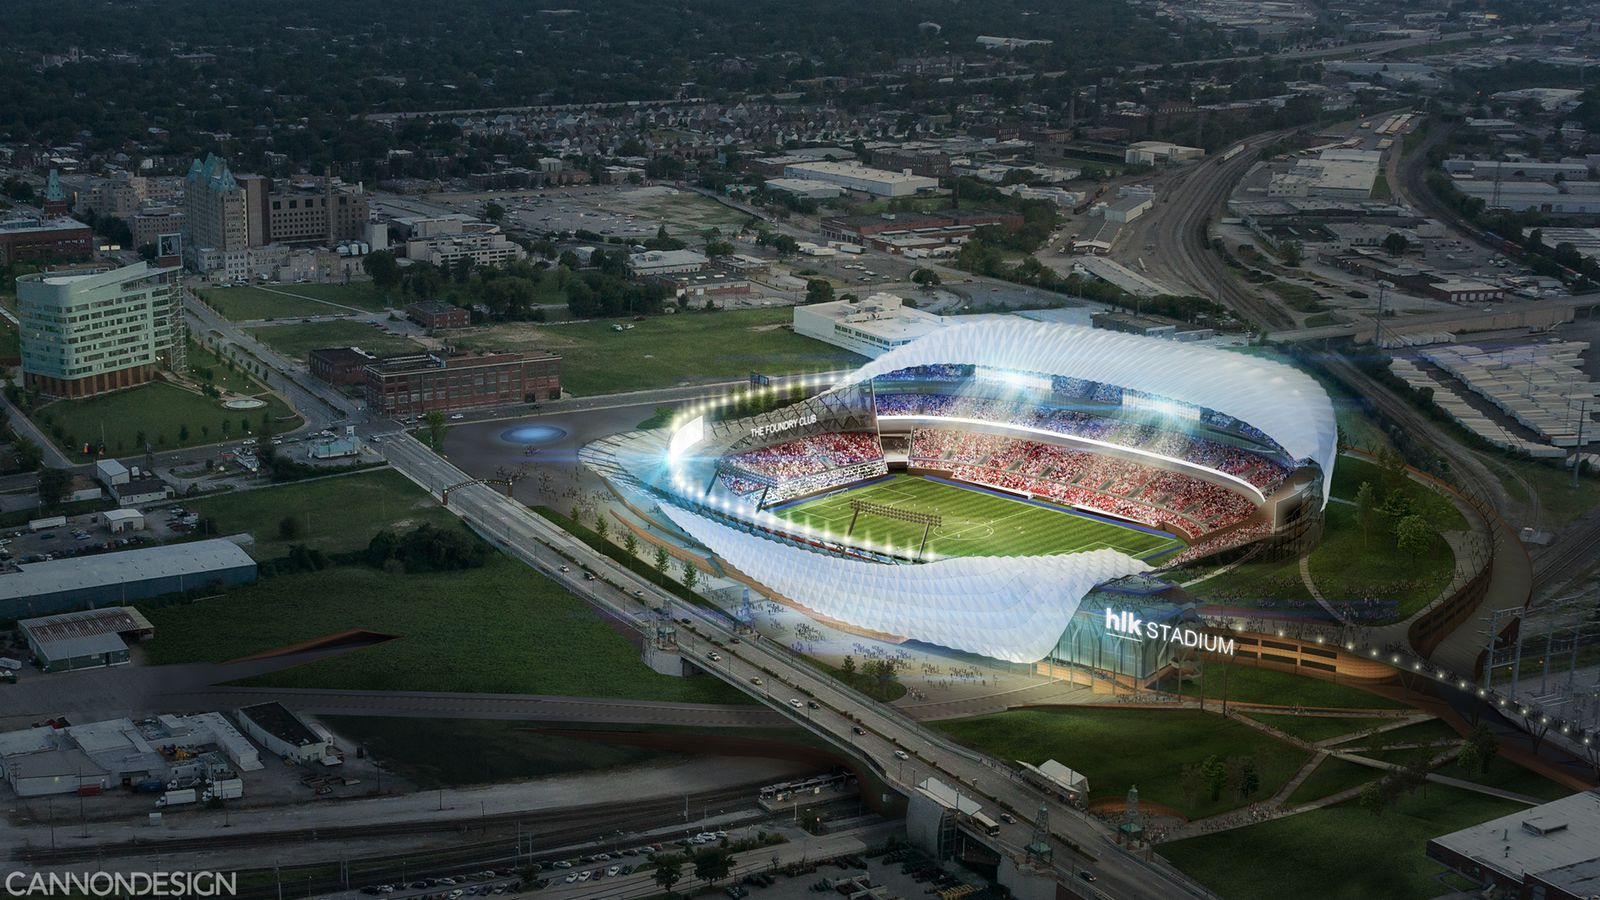 Mls_stadium_aerial_95_161017_lowres.0.0